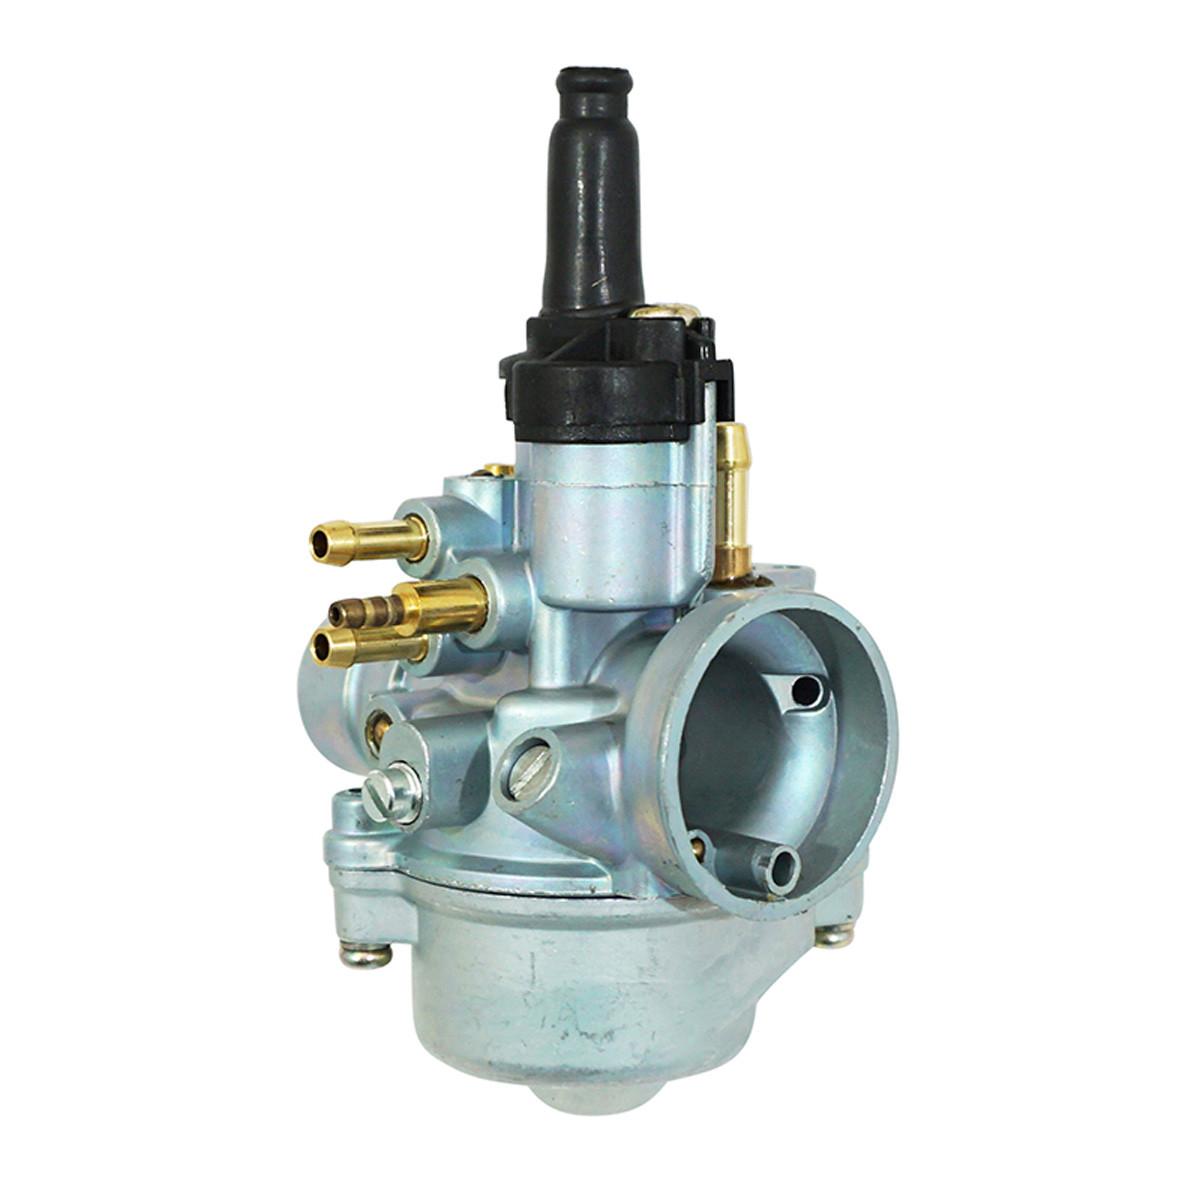 Carburateur 17.5mm Type PHVA - Sortie gaz droite / Starter Automatique ou Manuel